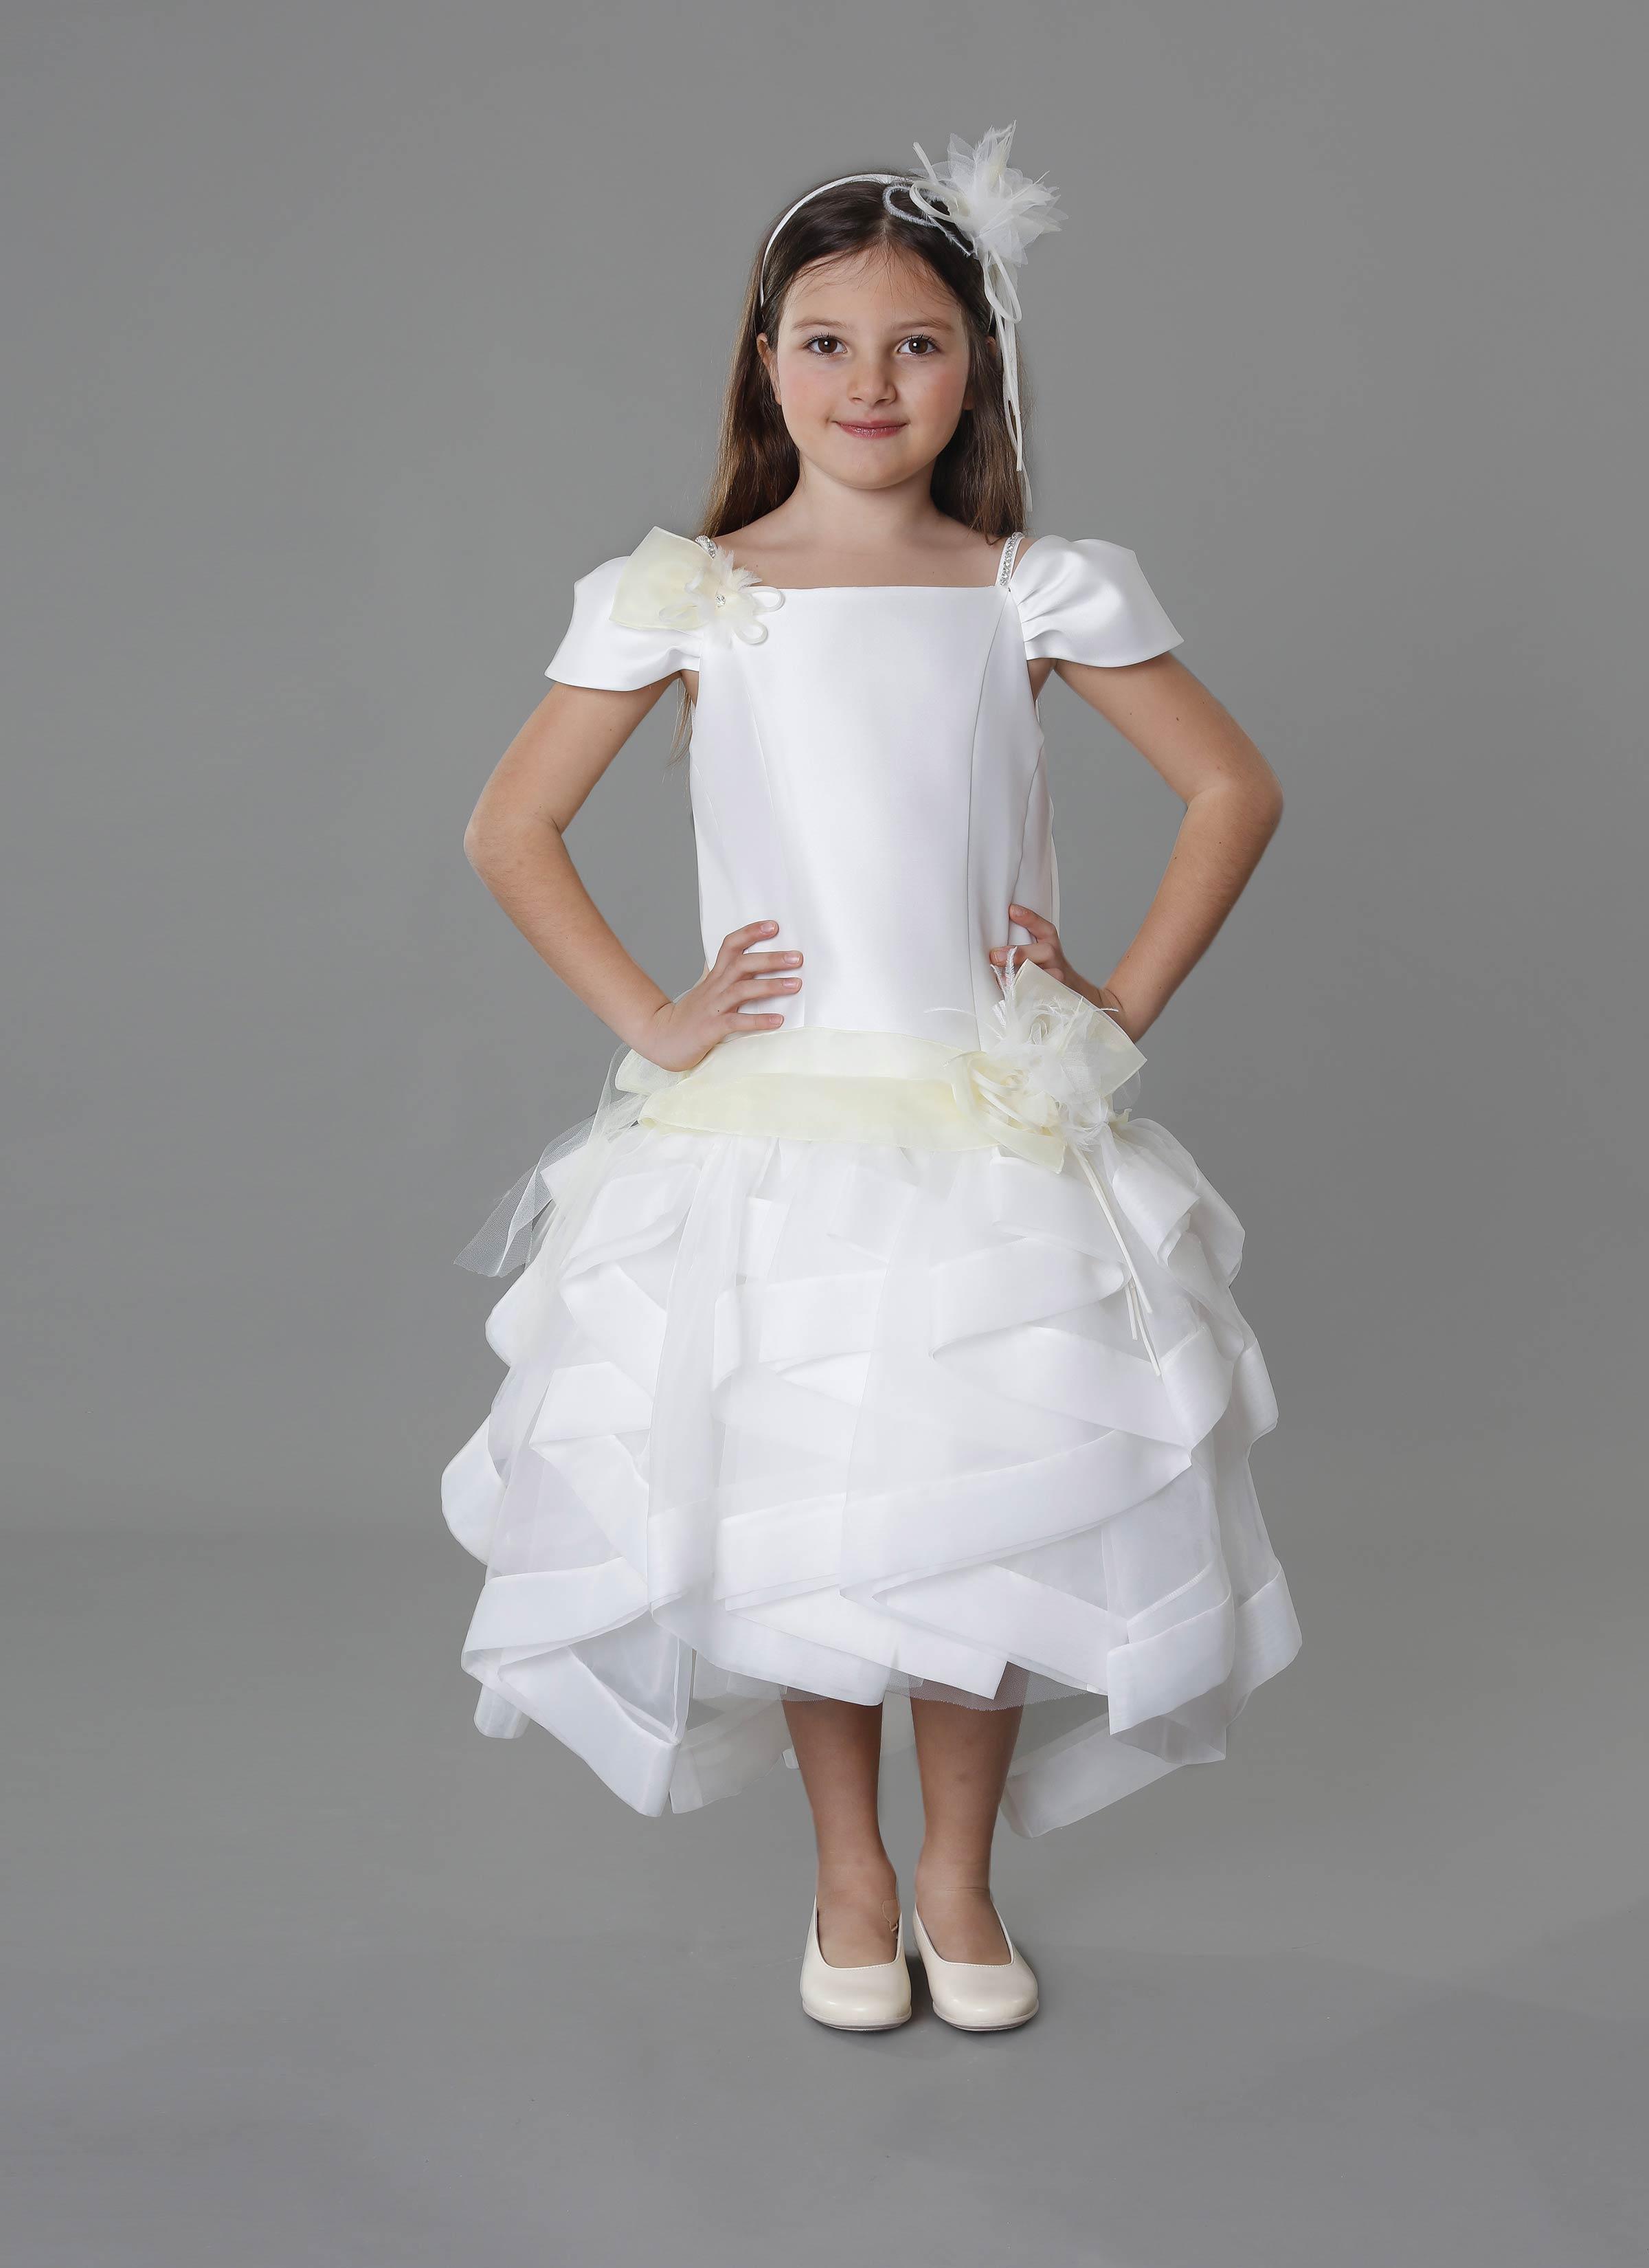 ad07c36baf2b Collezione Piccole Donne. Atelier alta moda abiti damigella bambina Catania  - Mariella Gennarino